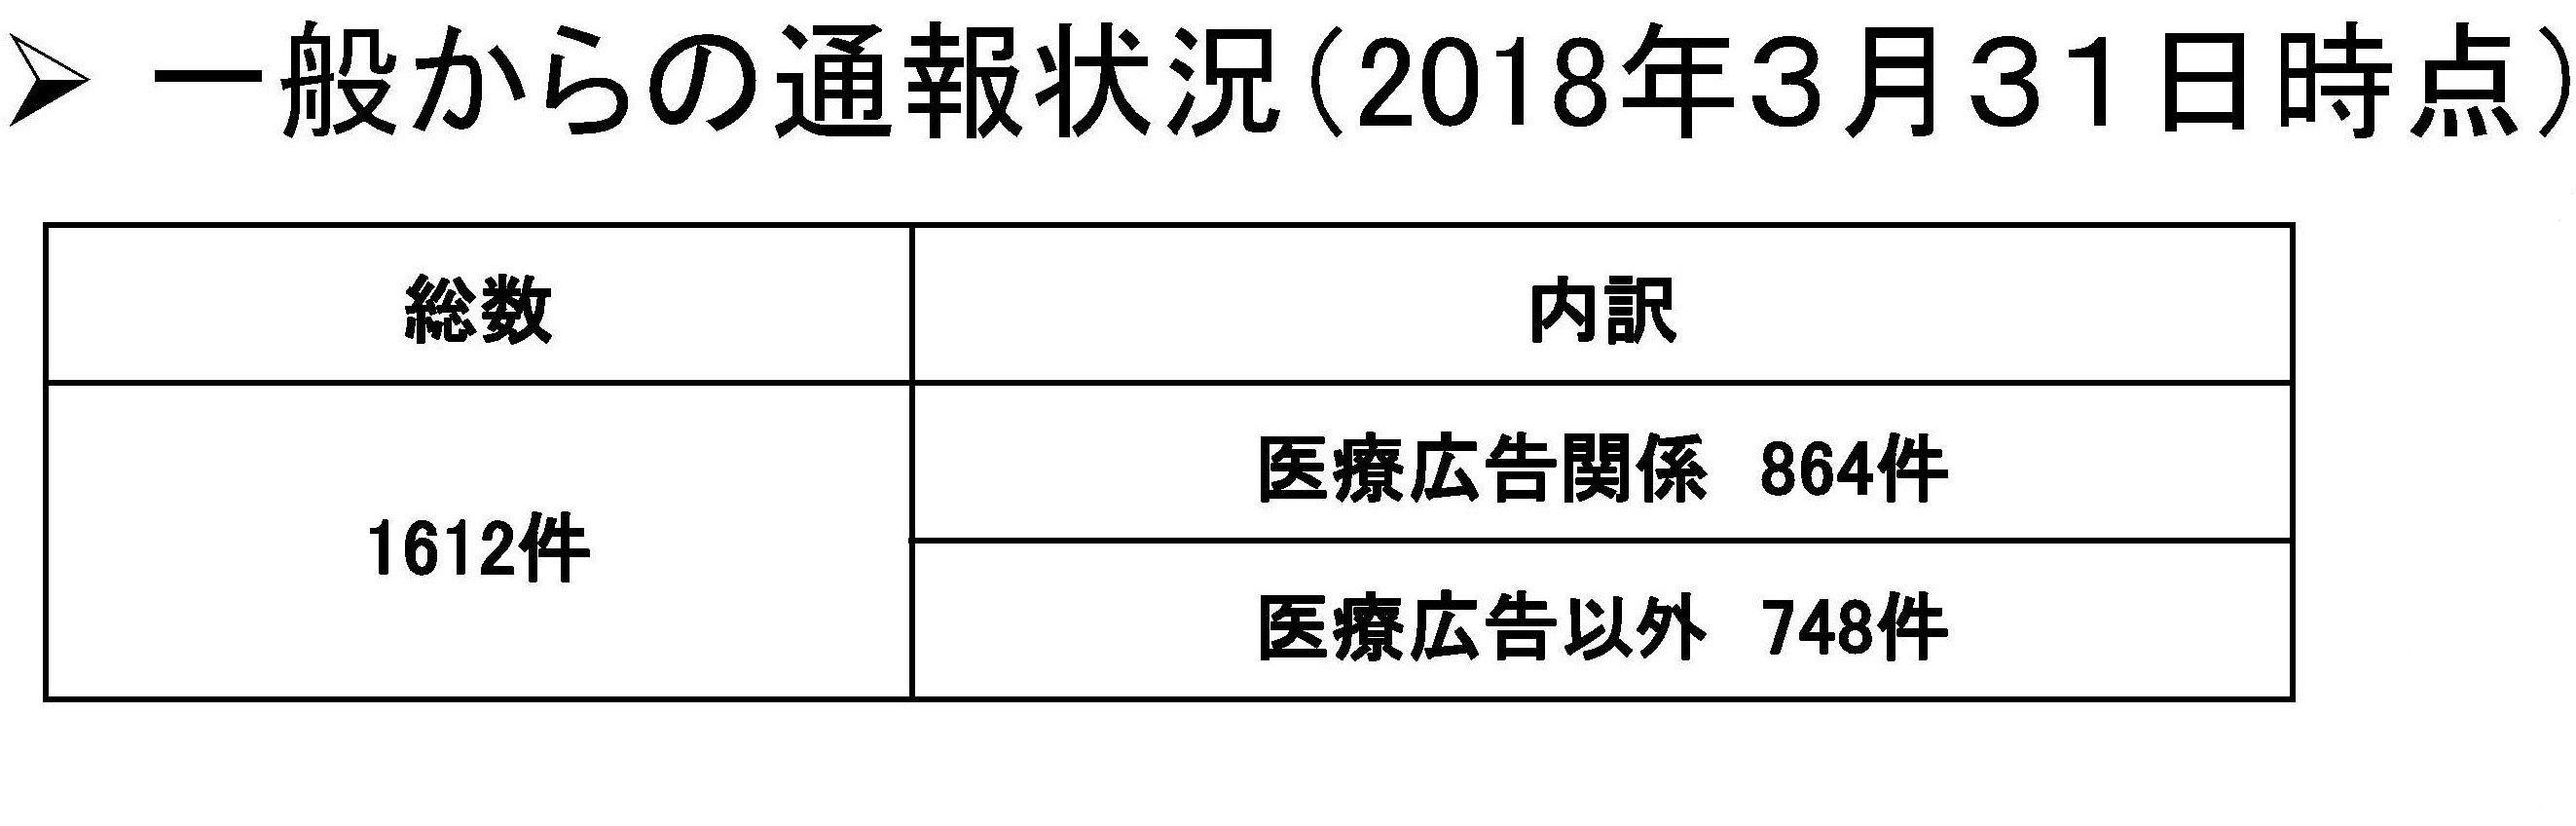 Inked一般からの受付情報 (2018年3月31日時点)-2_LI